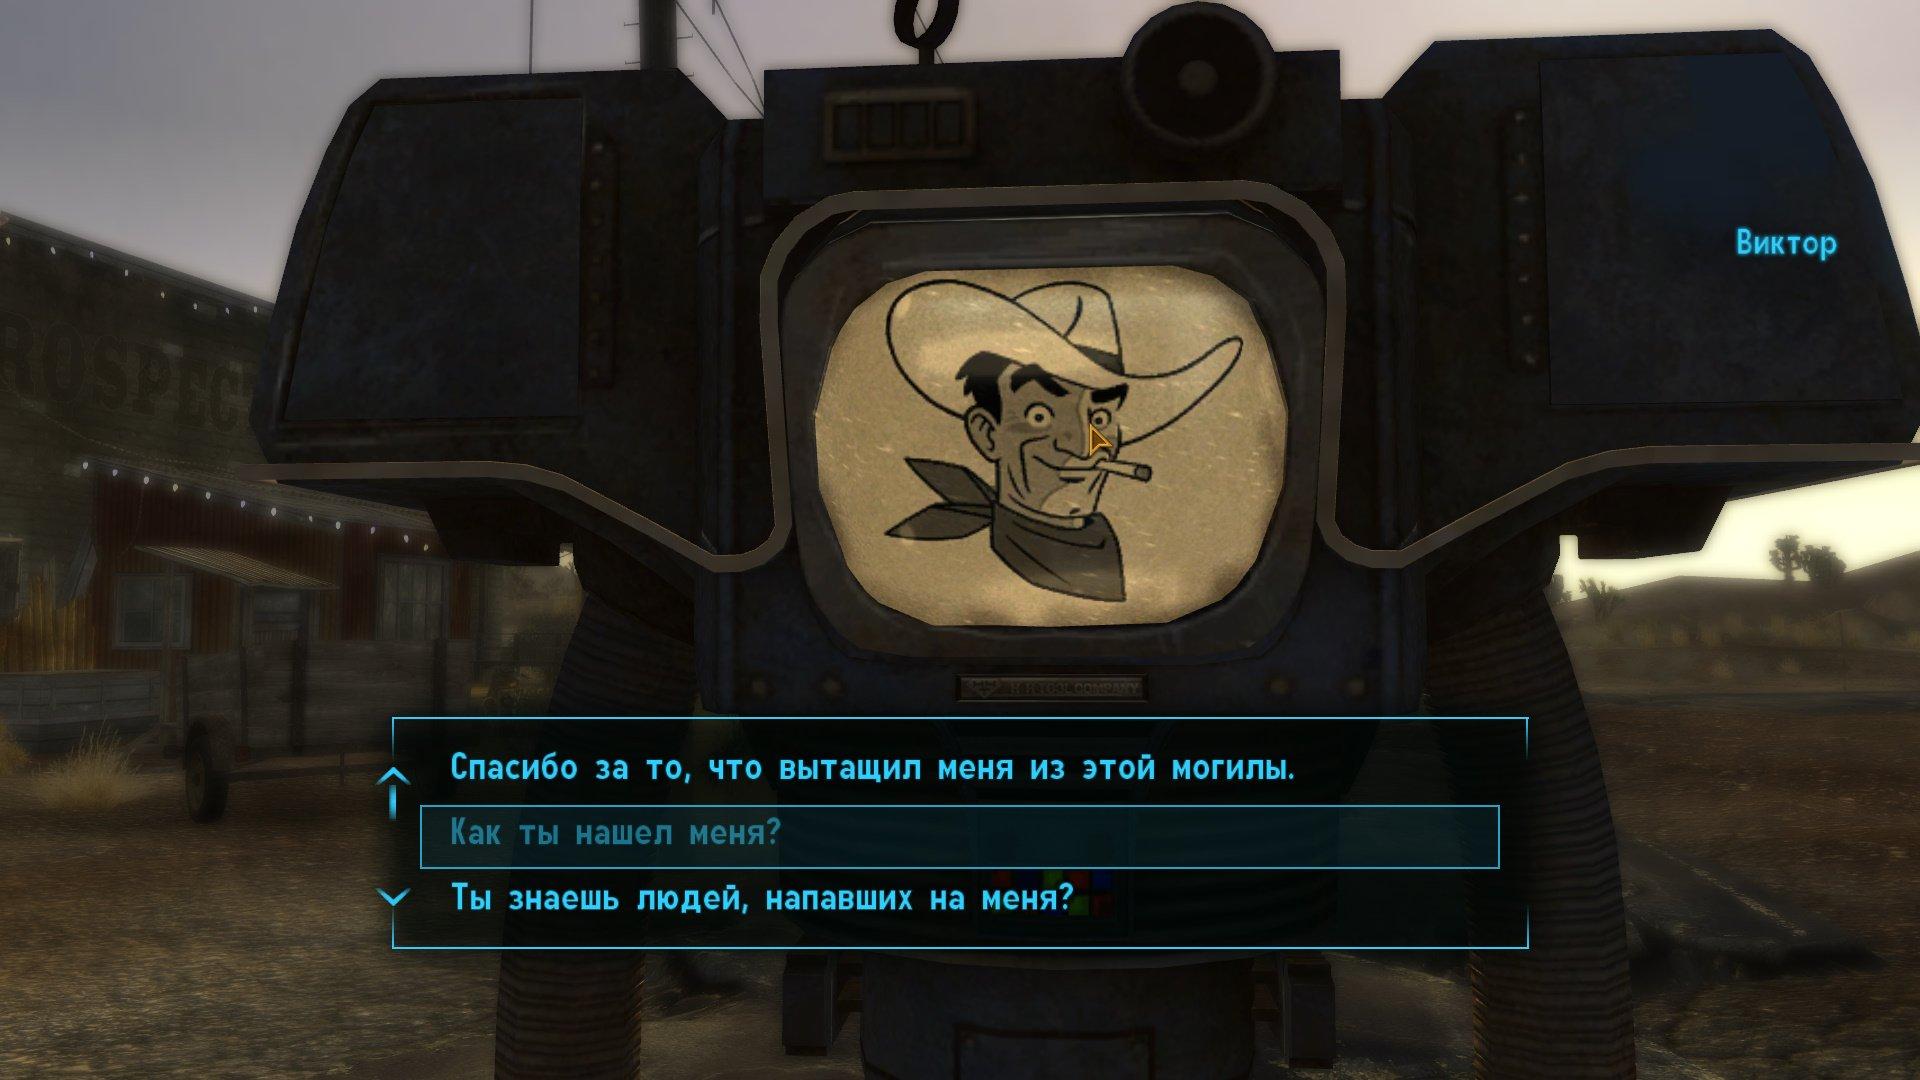 Сравнительный анализ (на самом деле нет) Fallout New Vegas vs. Fallout 4 (часть 2) - Изображение 14